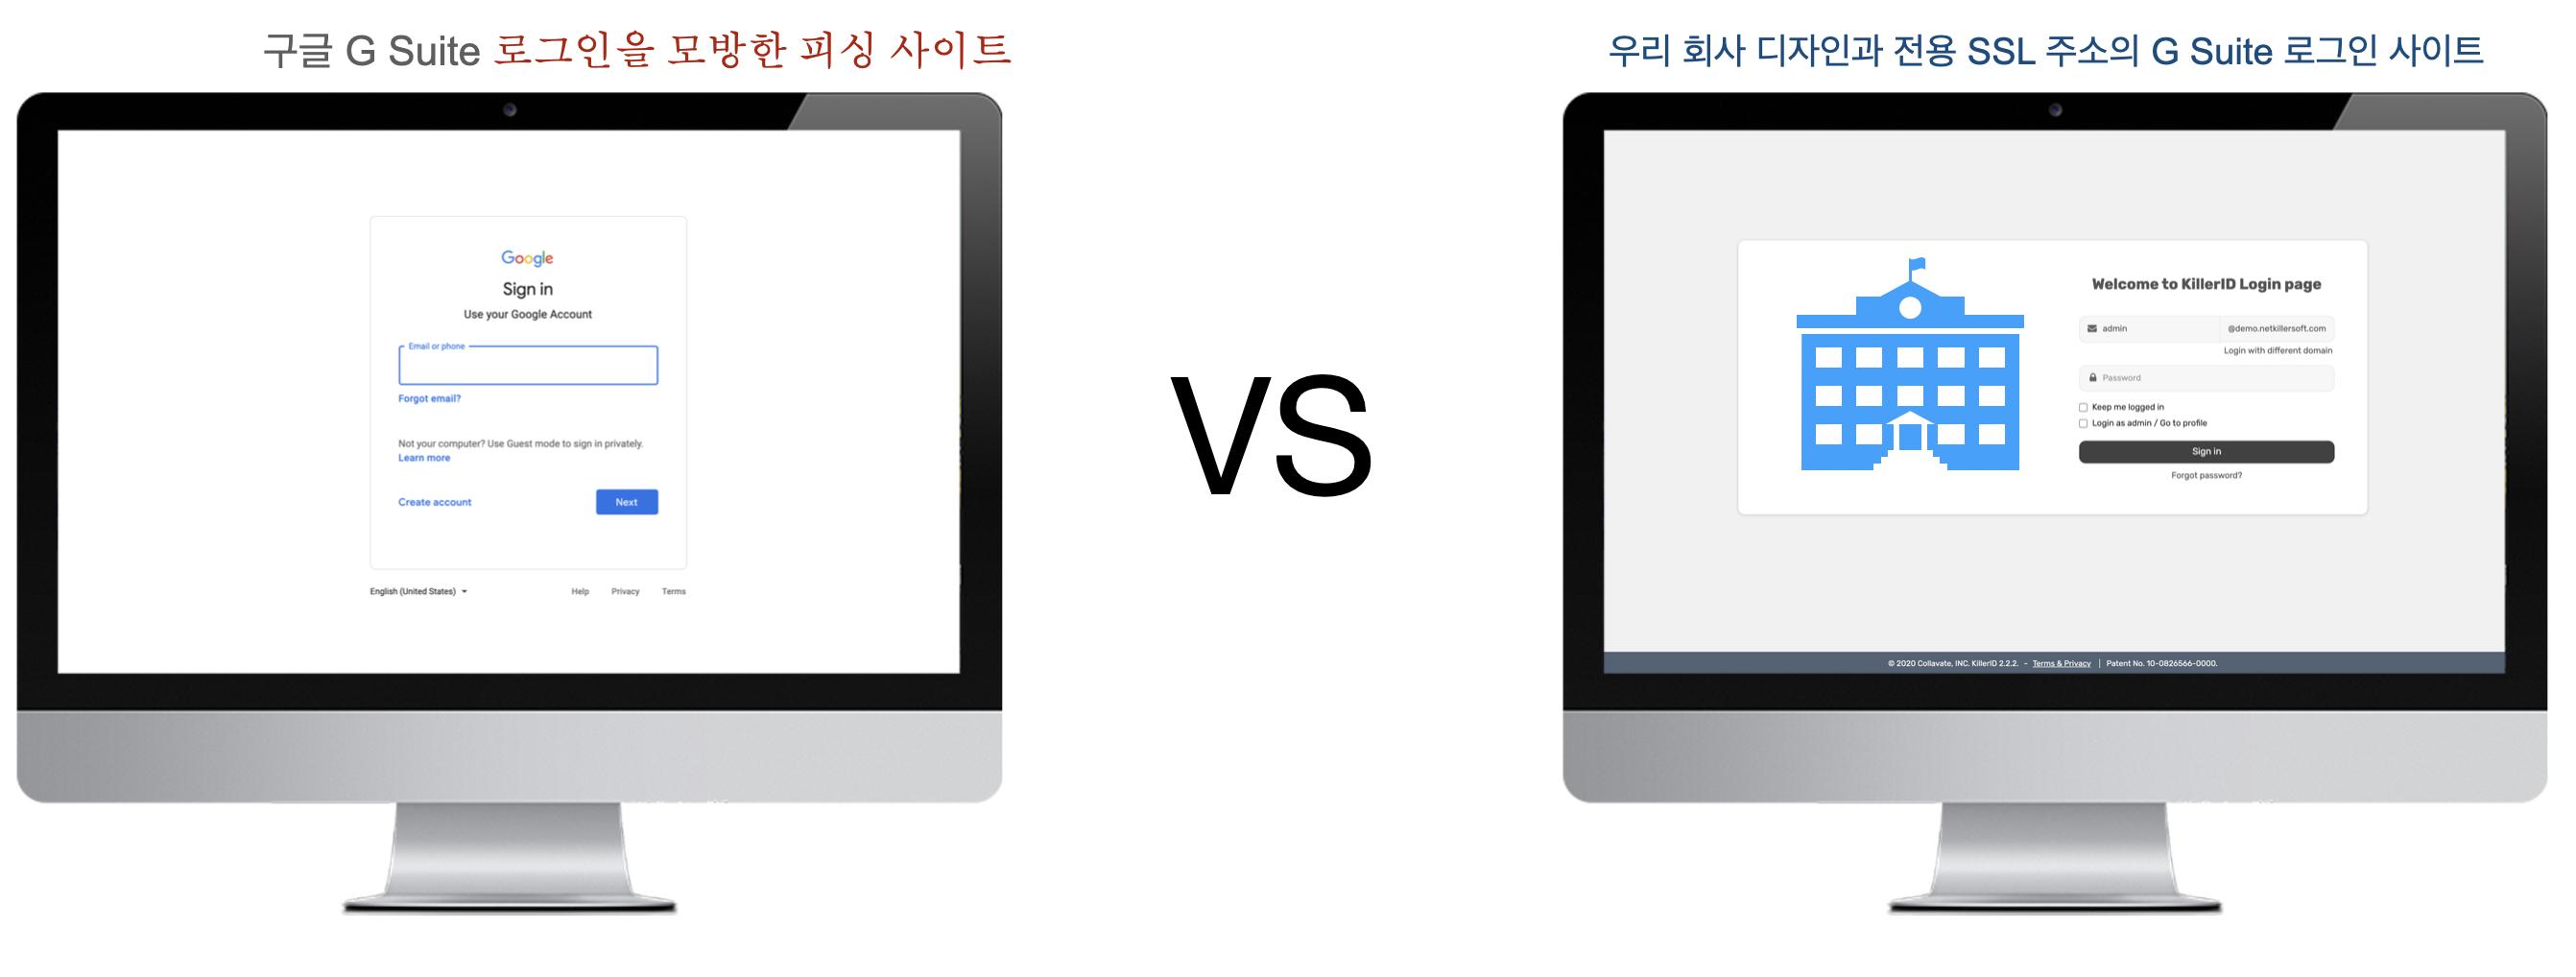 G Suite login vs KillerID Login